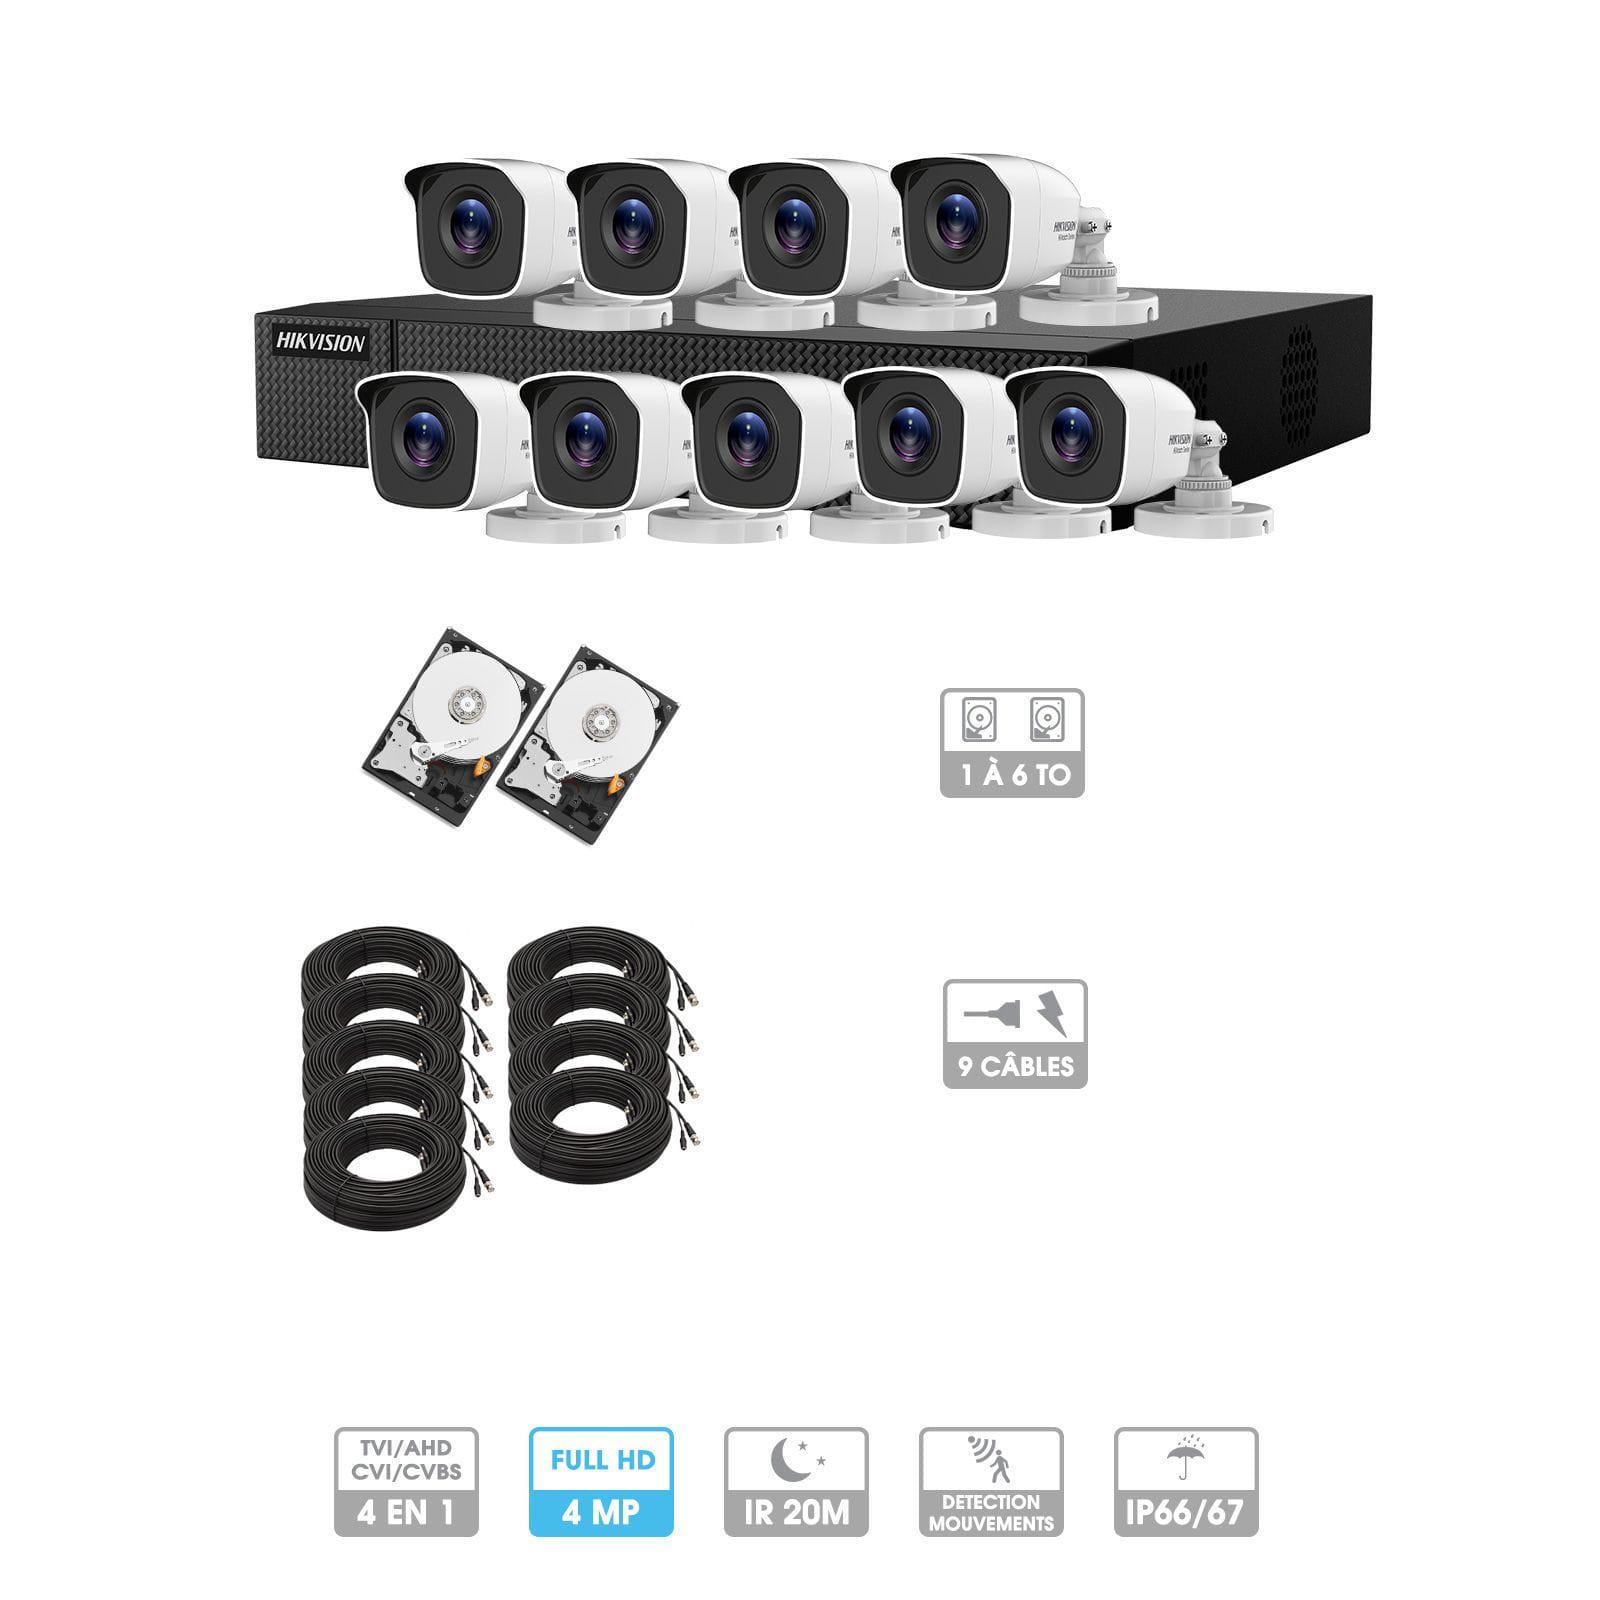 Kit vidéosurveillance 9 caméras | 4MP HD | 9 câbles 20 mètres | 2 HDD 1à 6 To | Tube Hiwatch